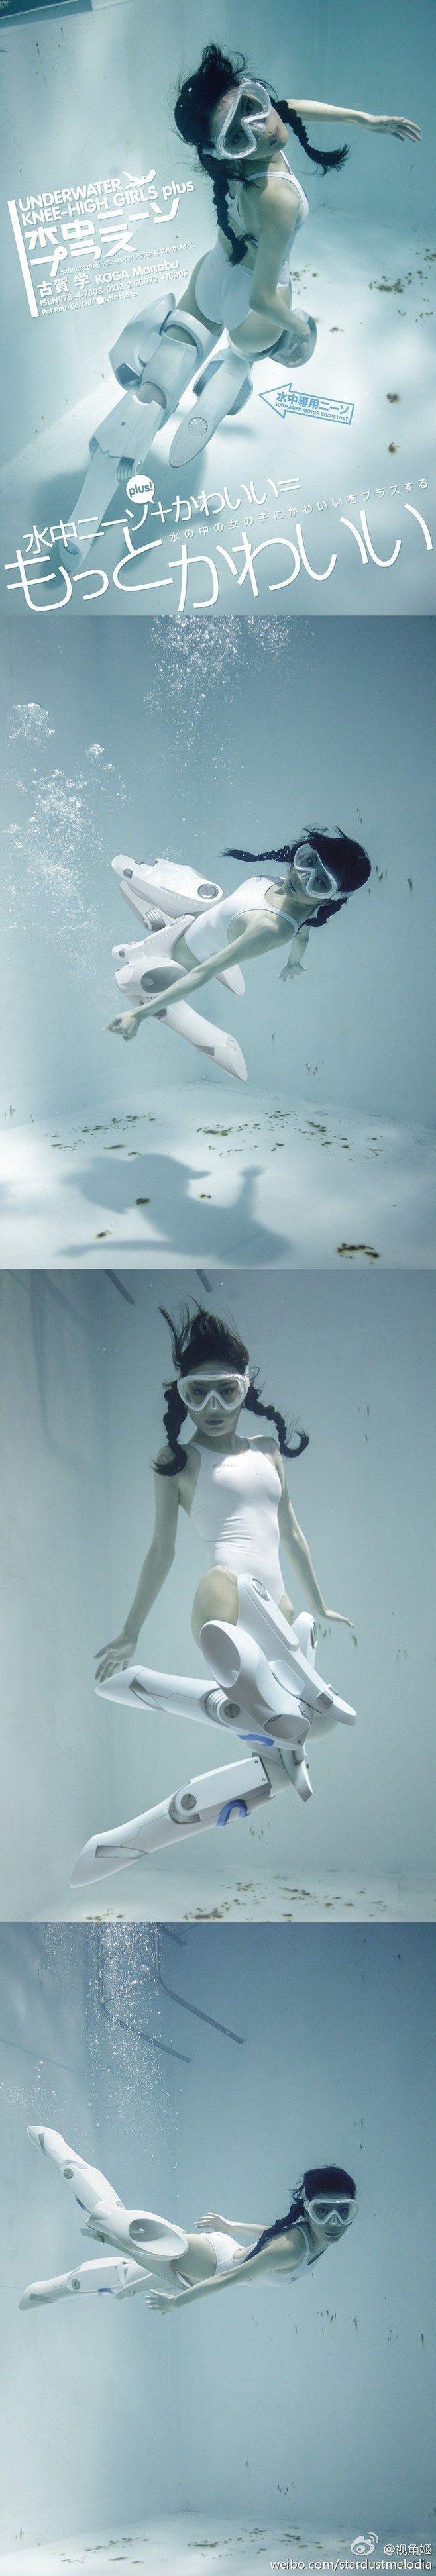 摄影大师古贺学的水中绝对领域新写真集《水...